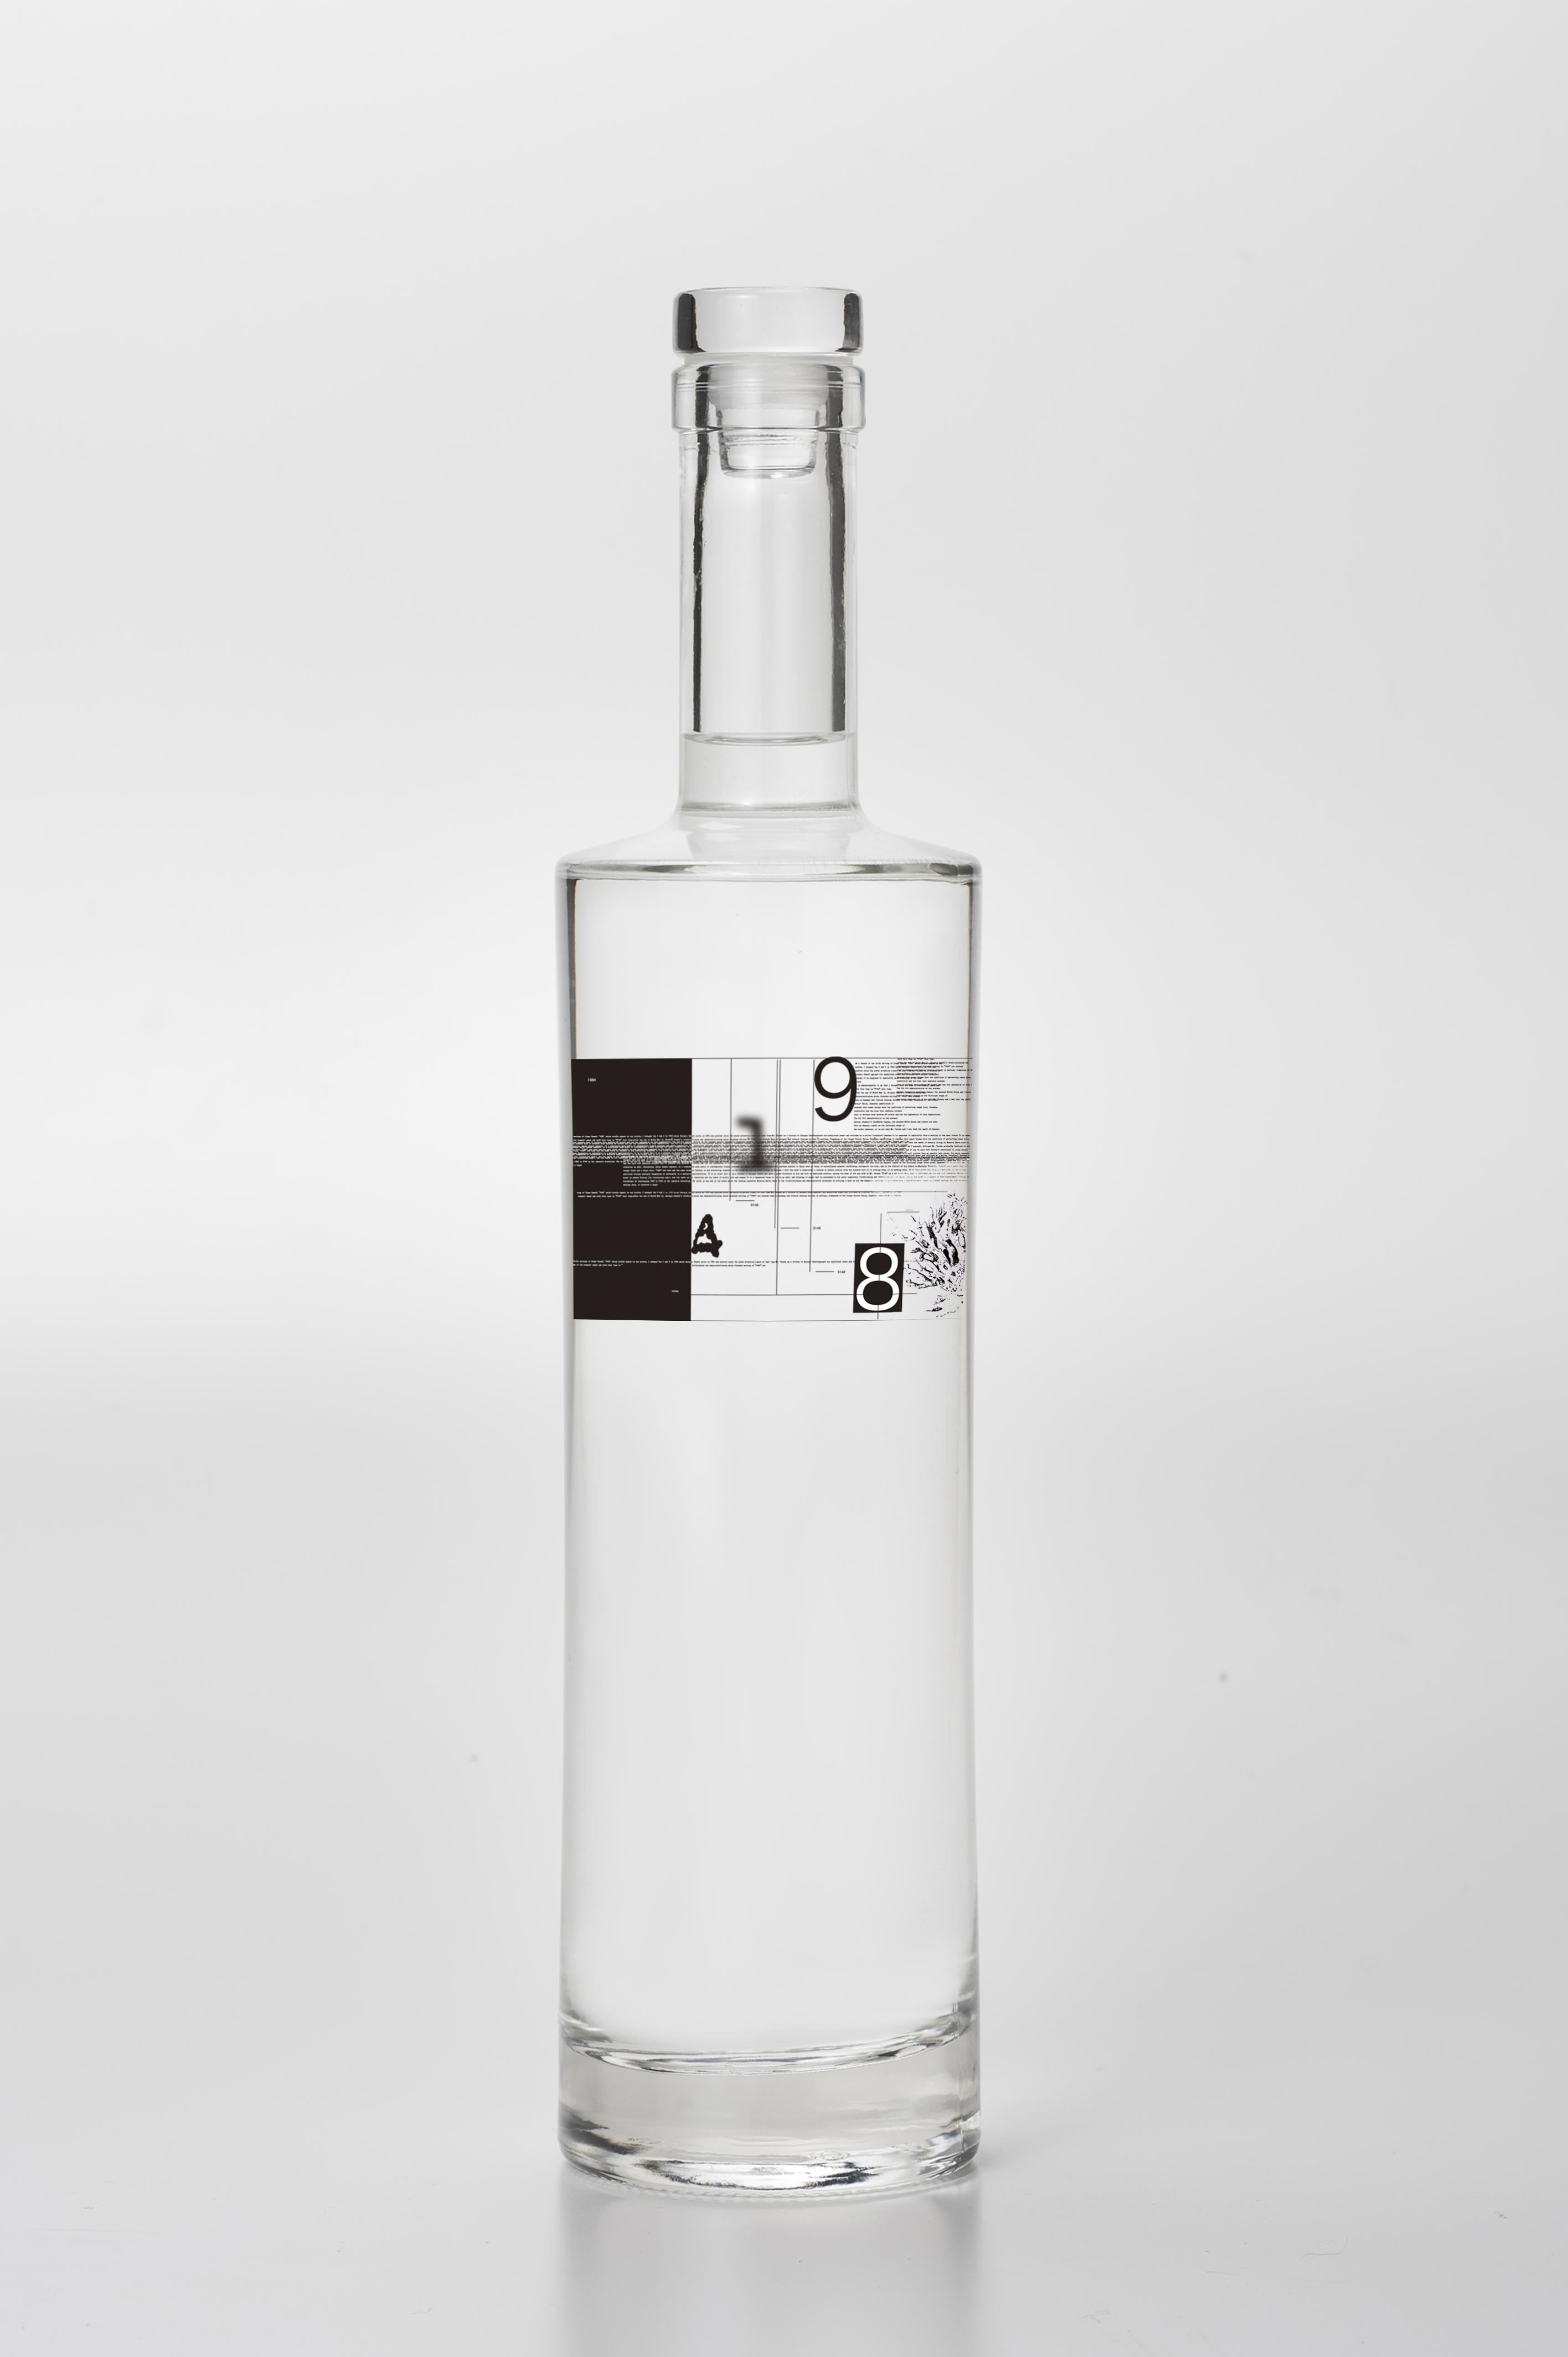 クラフトジン 9148 初の自治体とのコラボレーション商品「3021」を 12 月 1 日発売